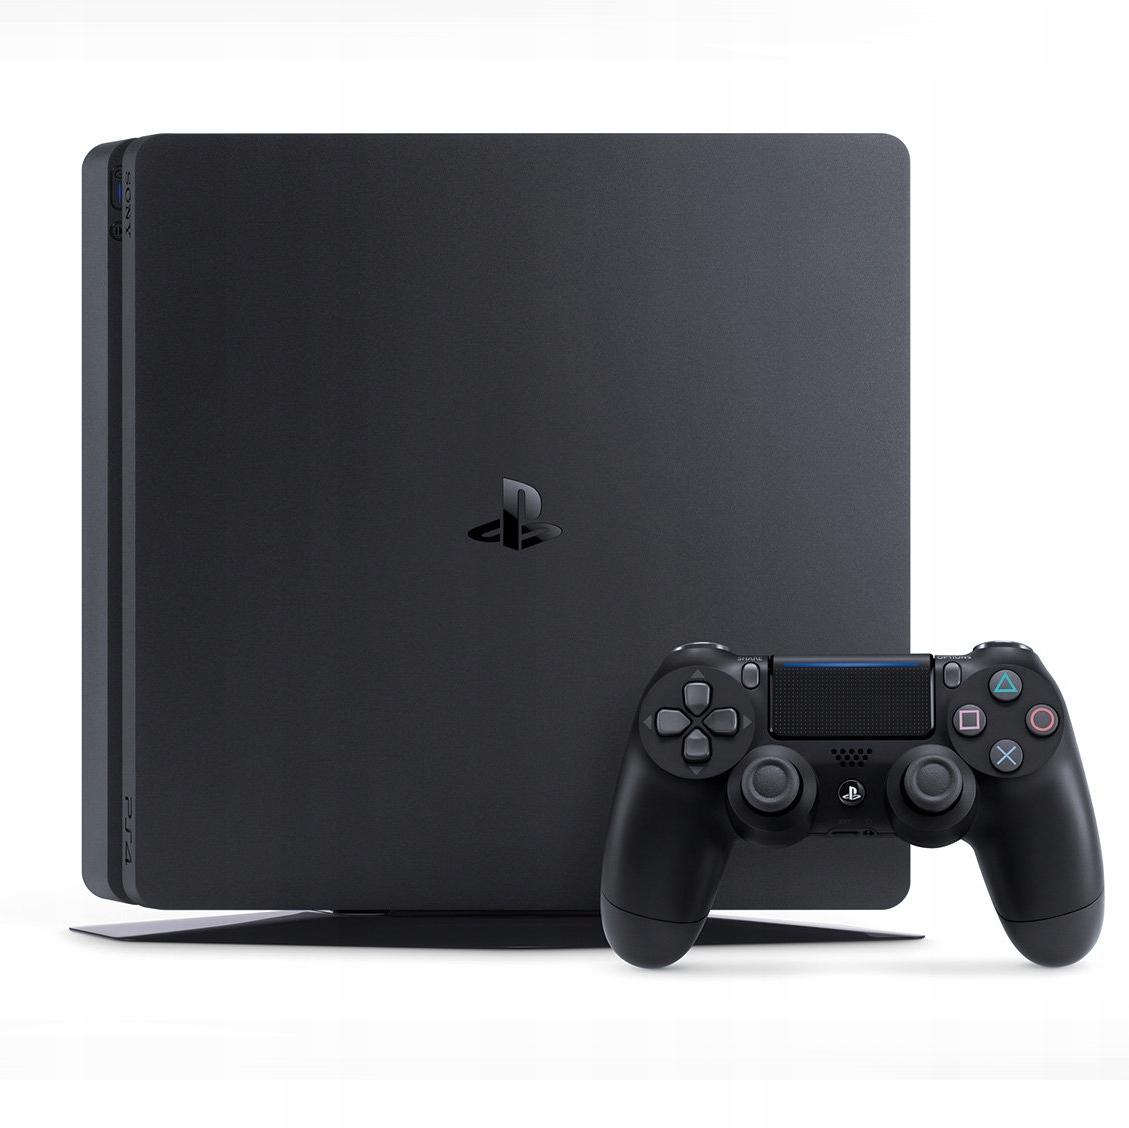 SONY PLAYSTATION 4 PS4 SLIM CONSOLE 2x Pad 500GB Код производителя CUH-2216A